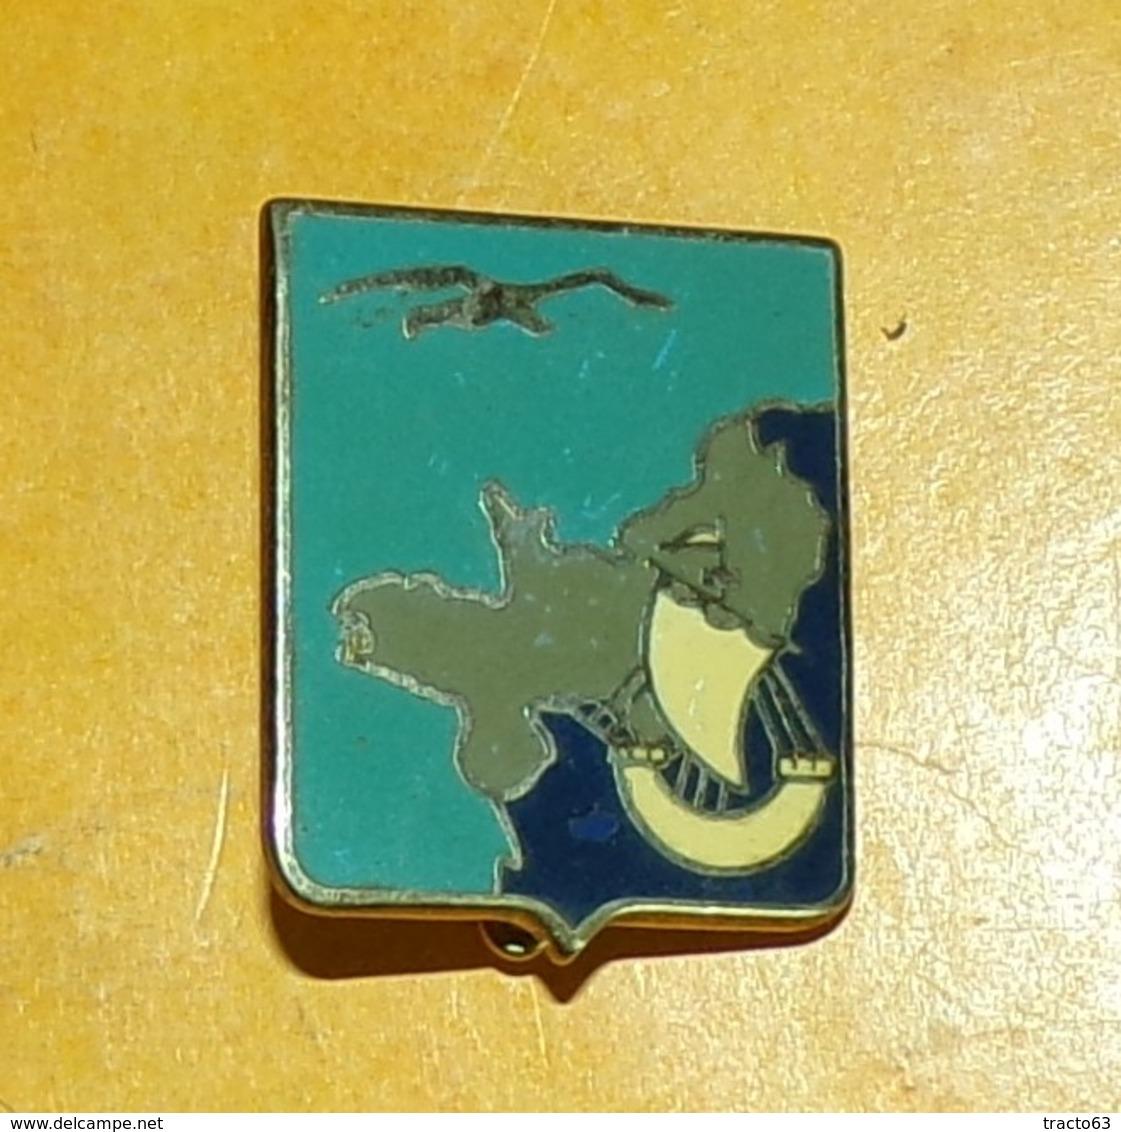 Etat Major 2° Rég° Aér. 00 - 352 , écu Bleu Aigle, 1/4 De La France En Gris Et Bleu Avec Caravelle BlancheFABRICANT DRAG - Forze Aeree